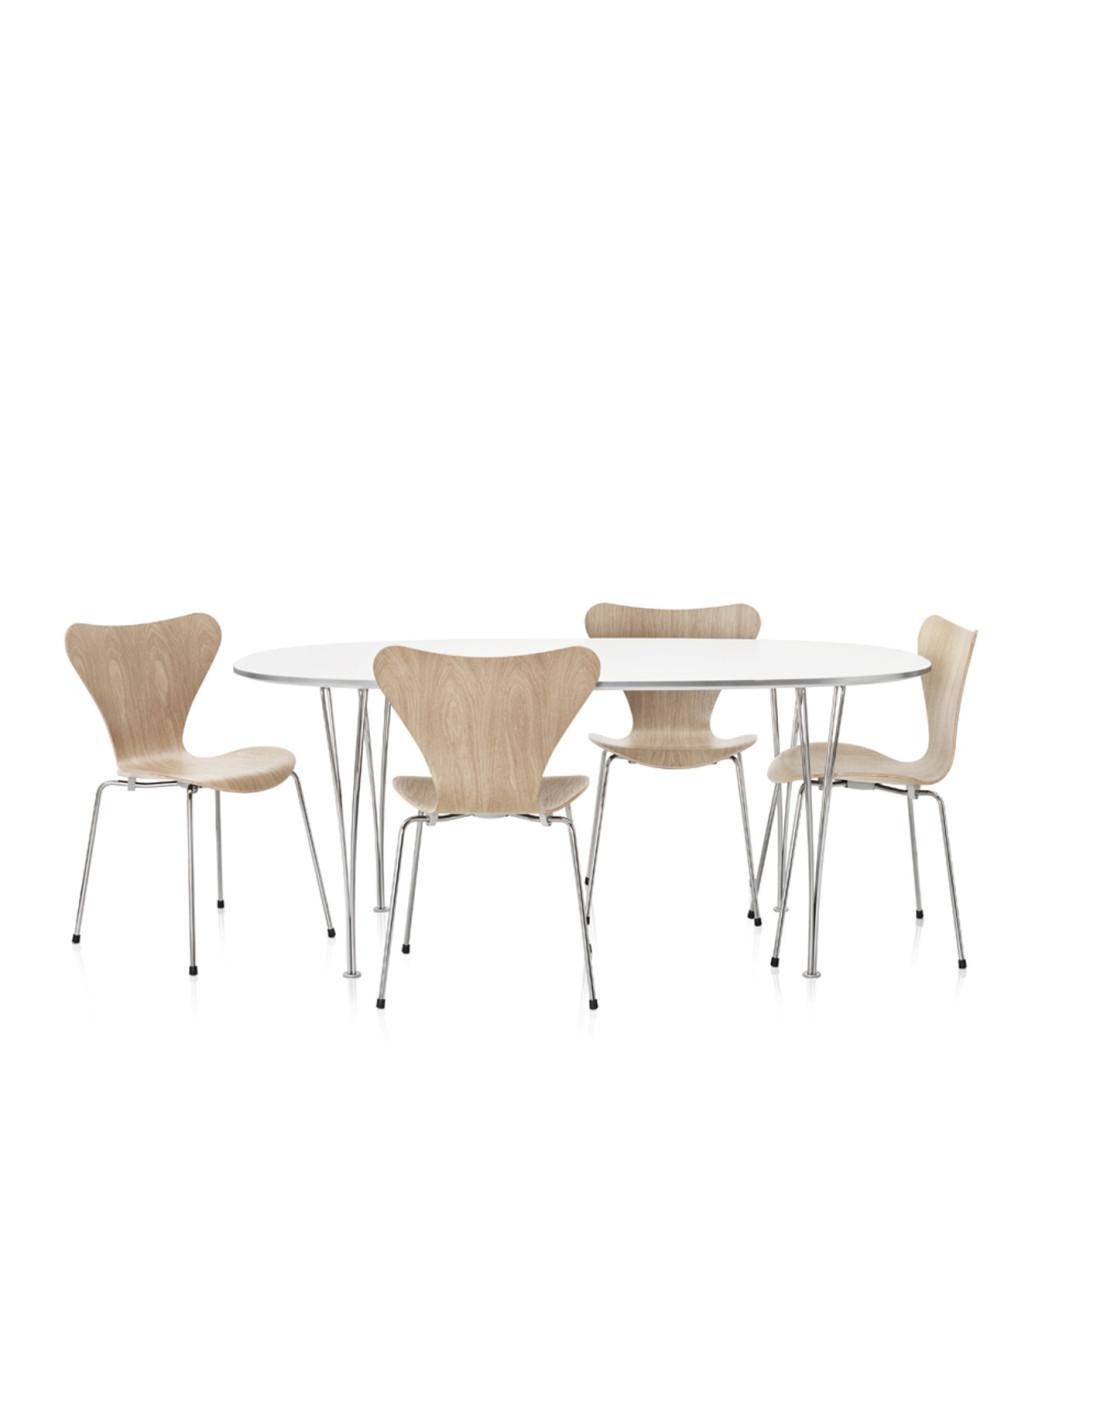 Chaise s rie 7 design arne jacobsen pour fritz hansen la boutique danoise - Chaise danoise design ...